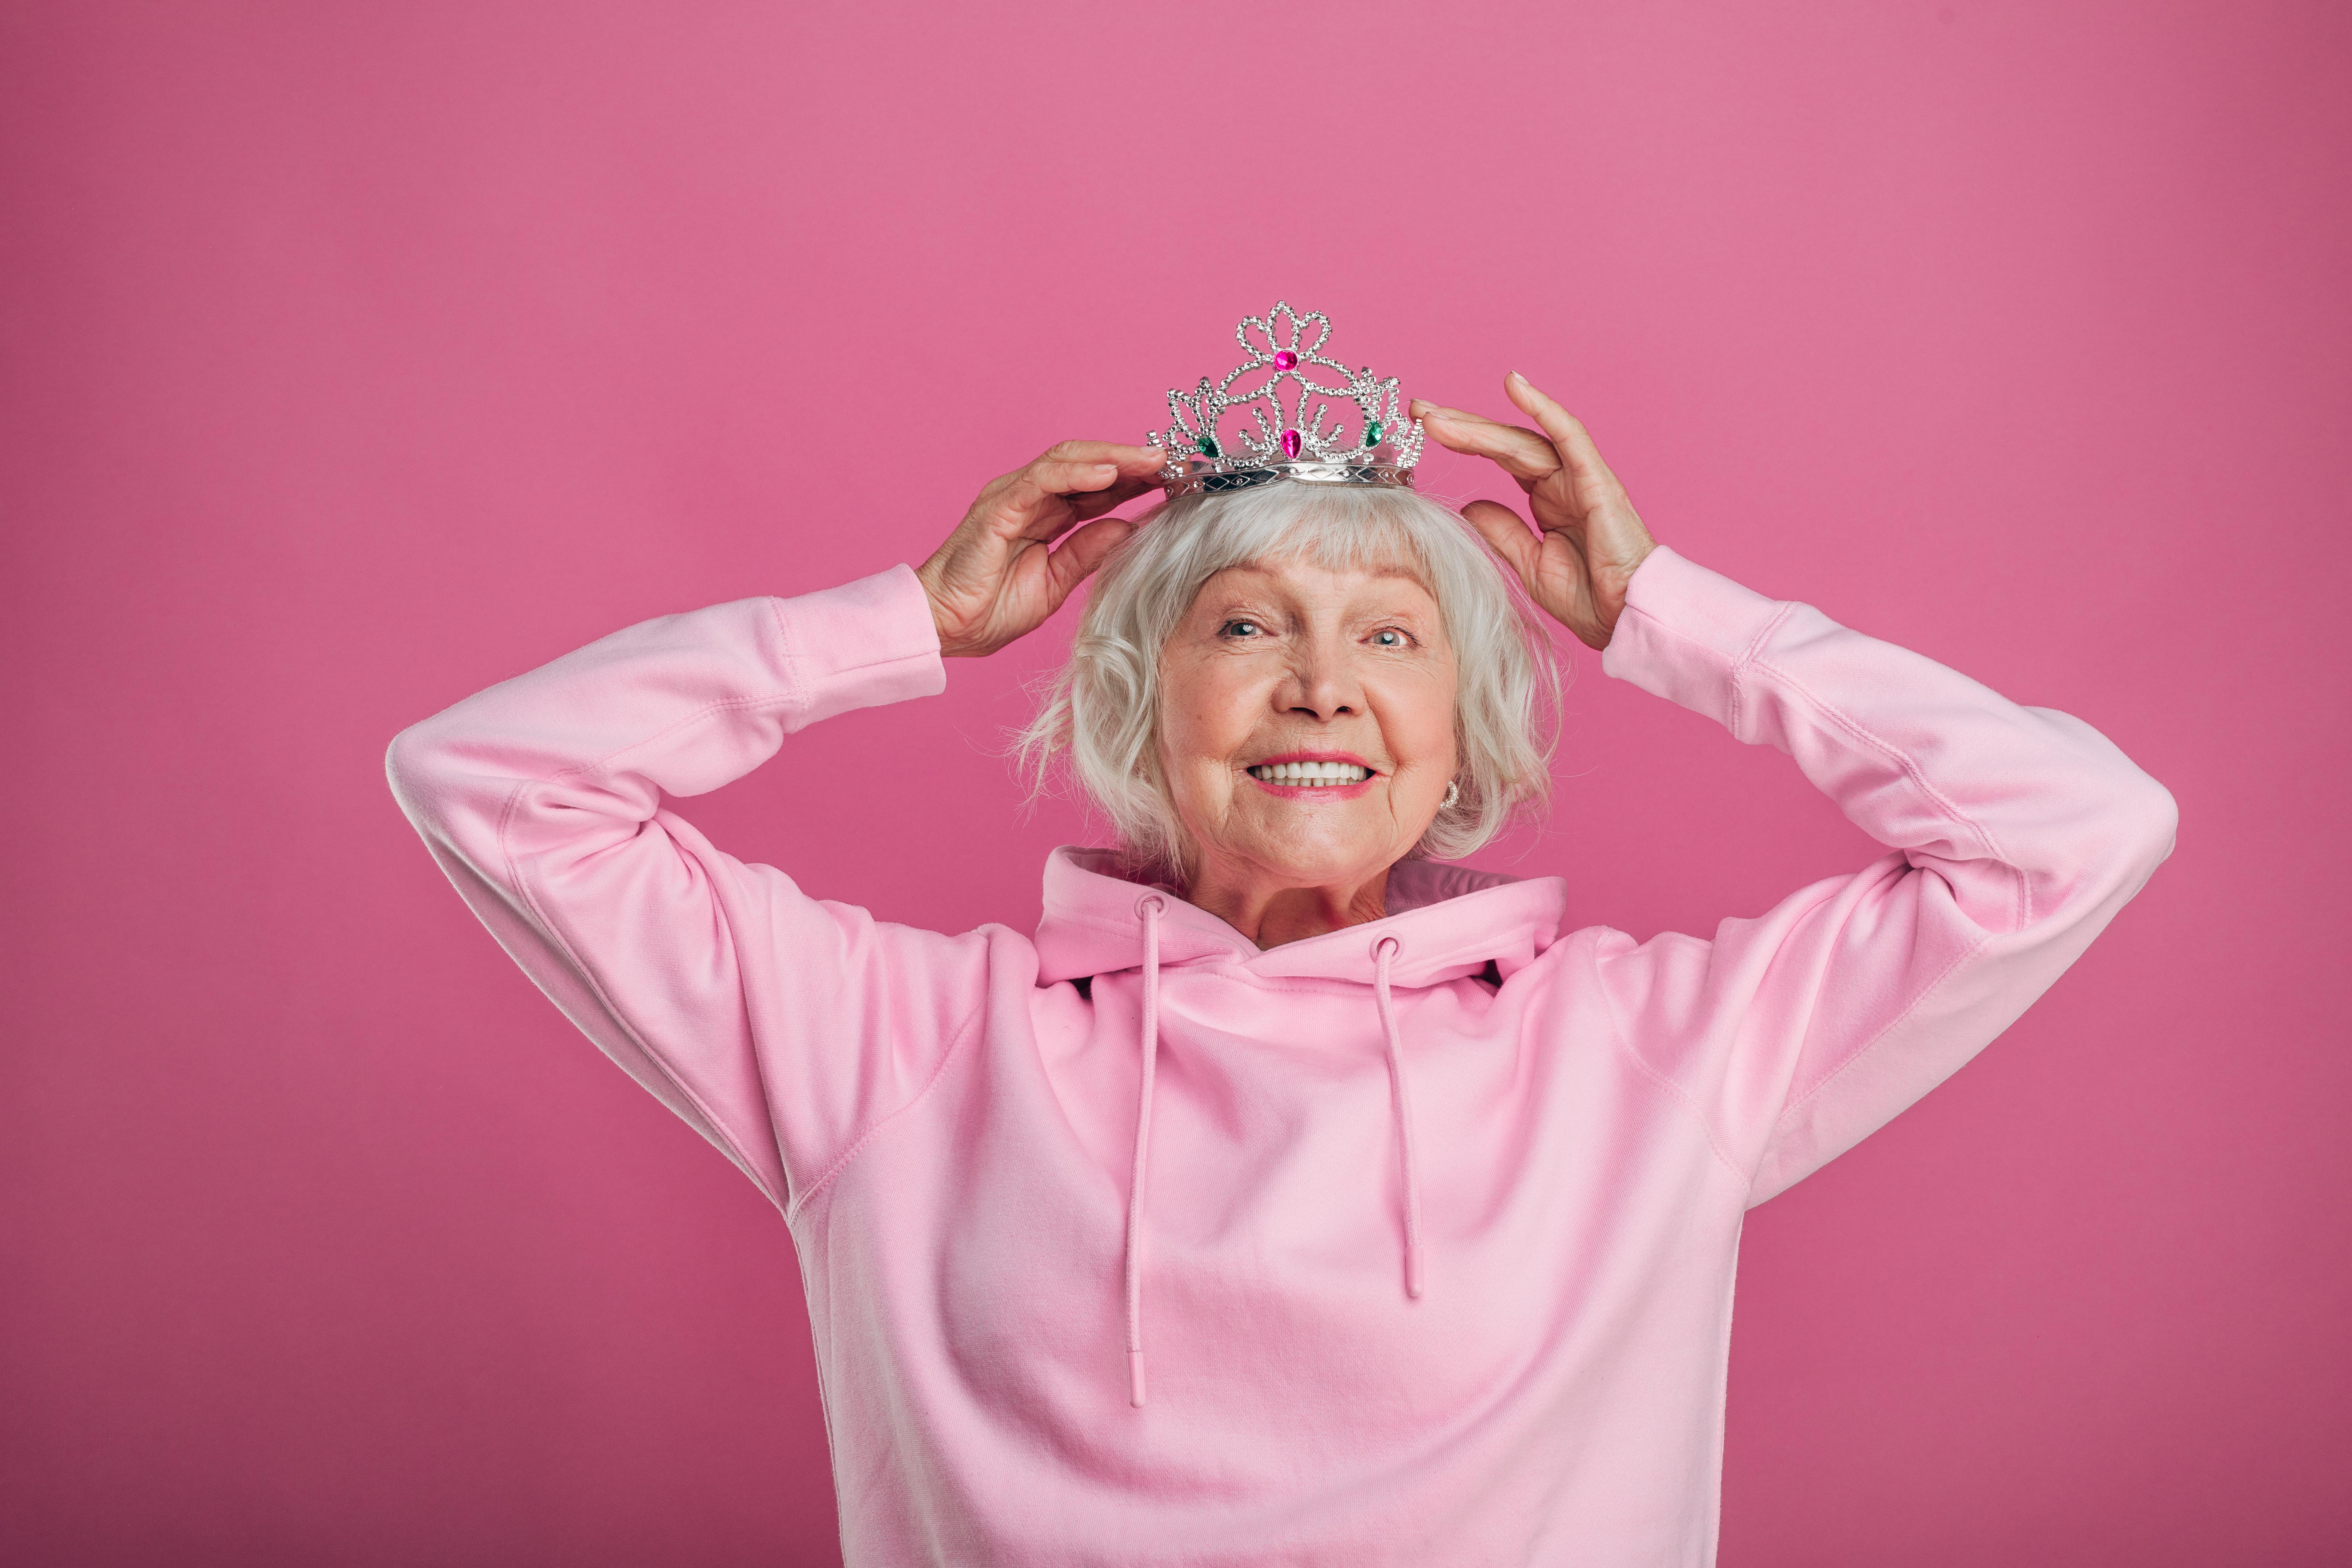 ältere Dame in rosa Pullover und Krone auf dem Kopf